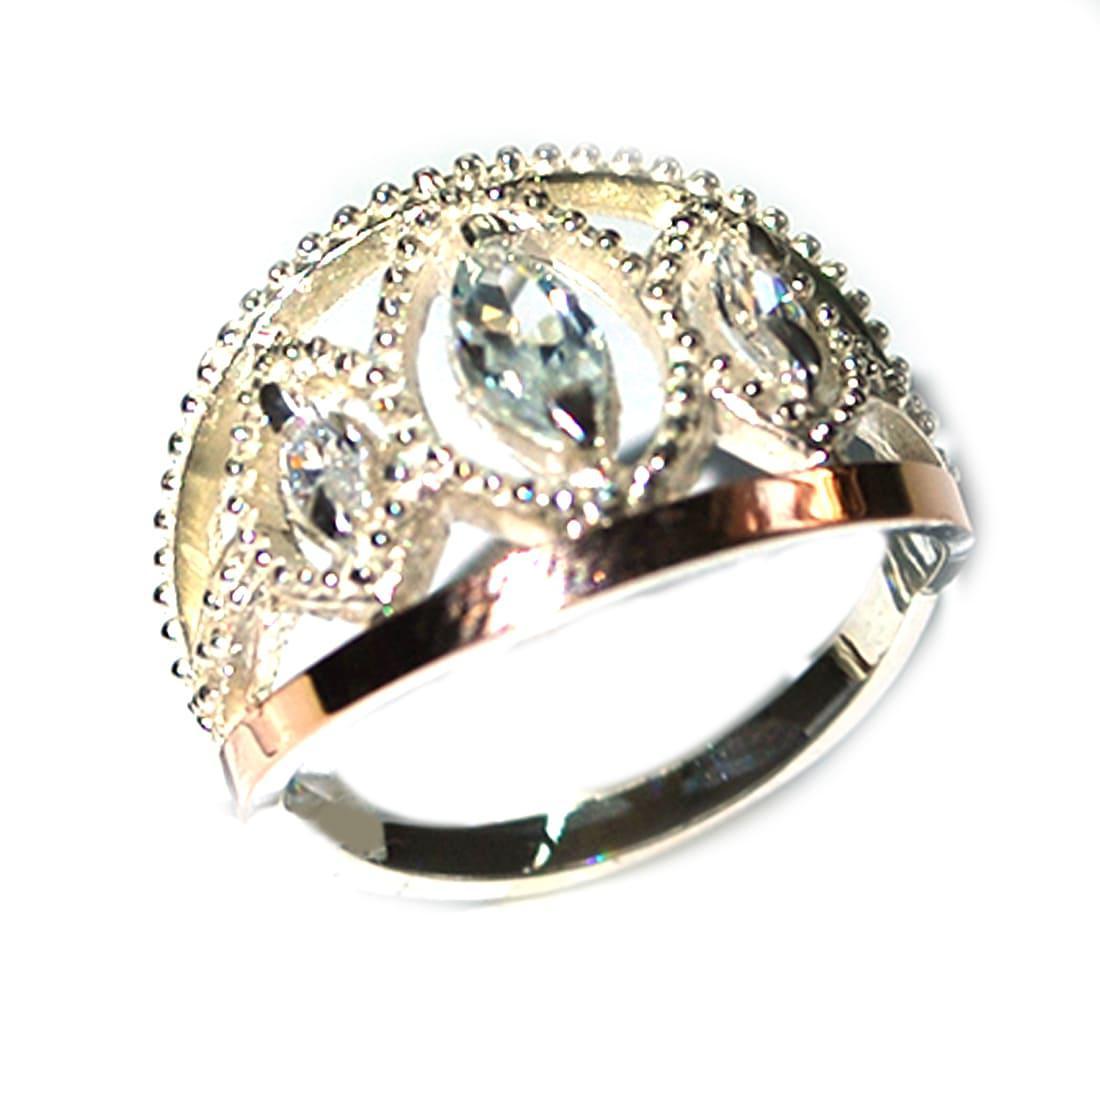 Кольцо из серебра с золотыми вставками, модель 126